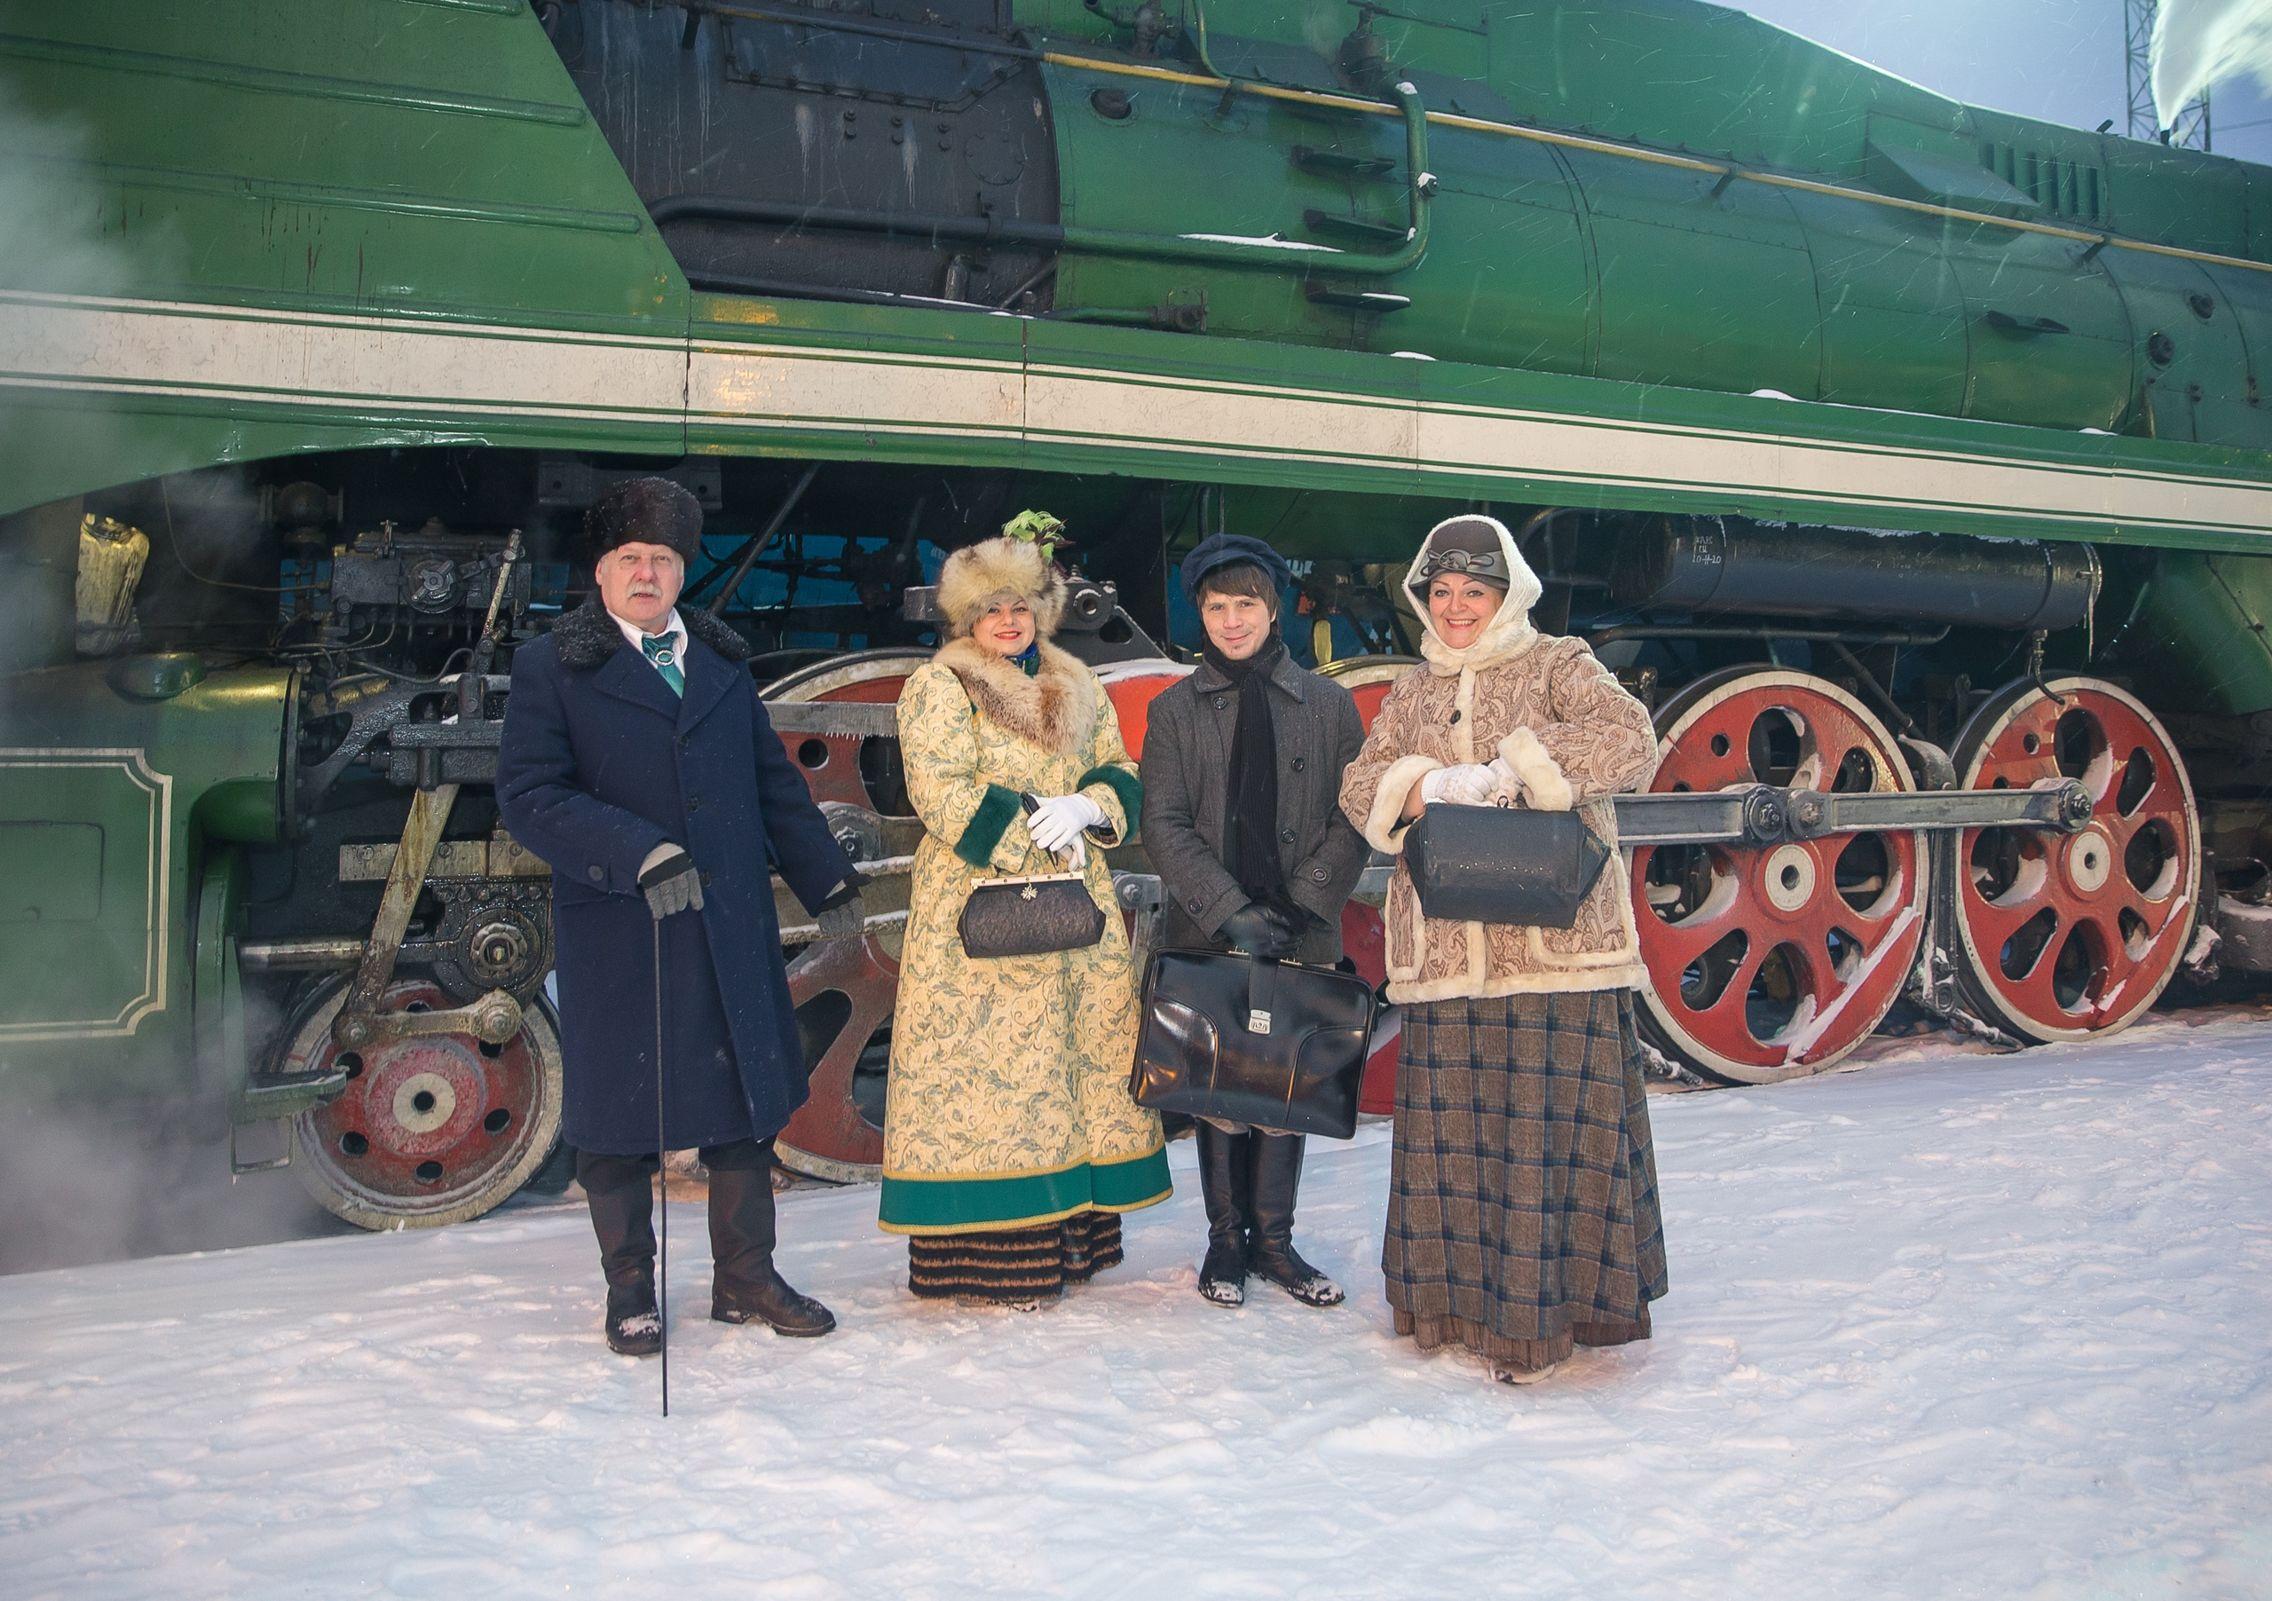 Между Ярославлем и Рыбинском ретро-поезд начал курсировать вместо пригородного состава